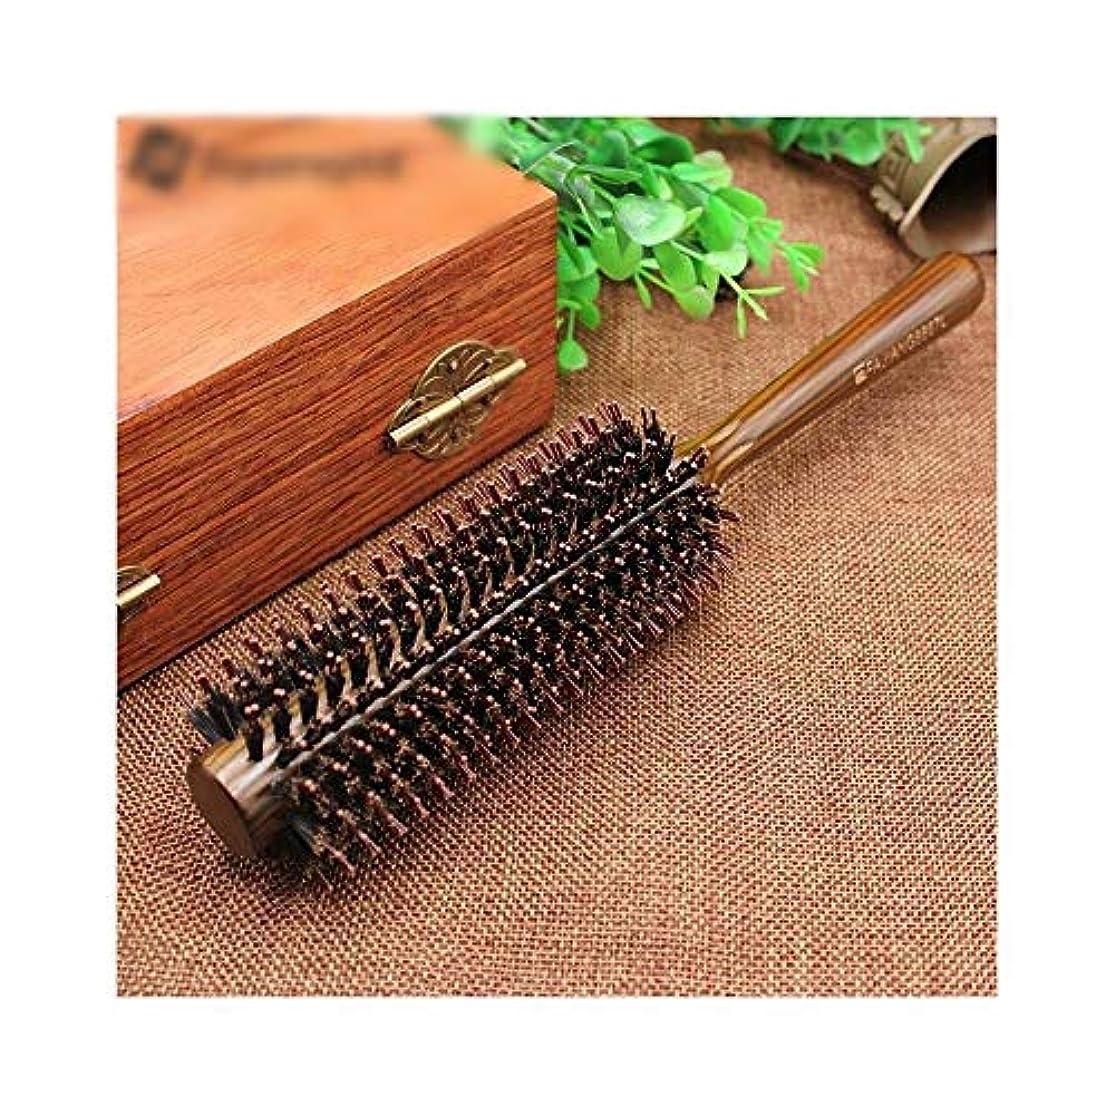 主観的ほかに勘違いするヘアコーム理髪くし ヘアーサロンのヘアデザインのためのローリングくしシリンダー木製ハンドルくし ヘアスタイリングコーム (Size : S)